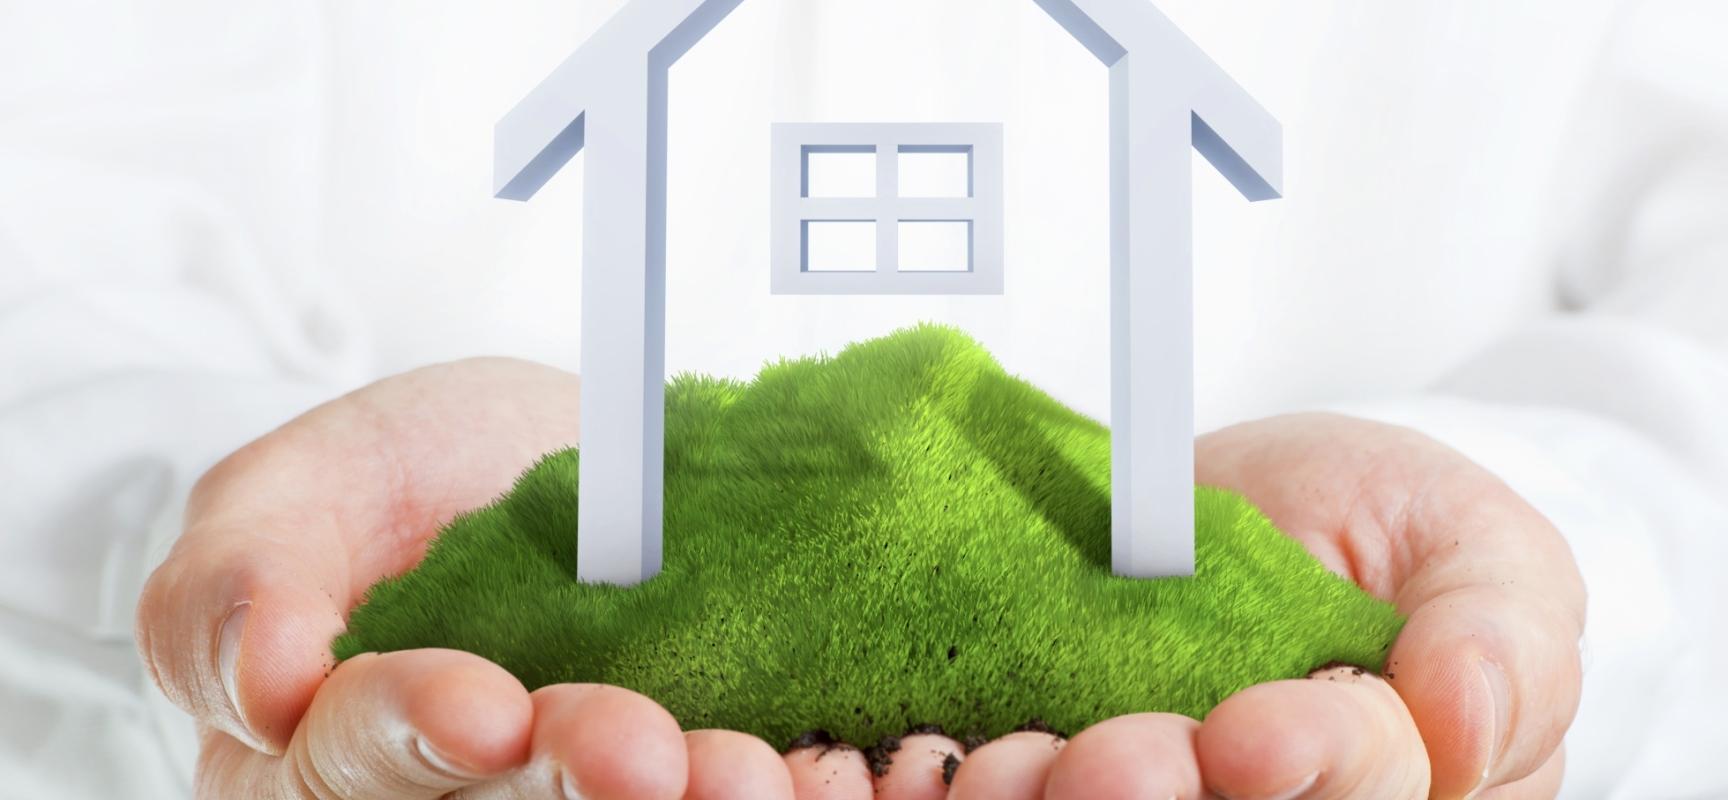 Come riscaldare una casa a basso costo e basso consumo - Riscaldare casa a basso costo ...